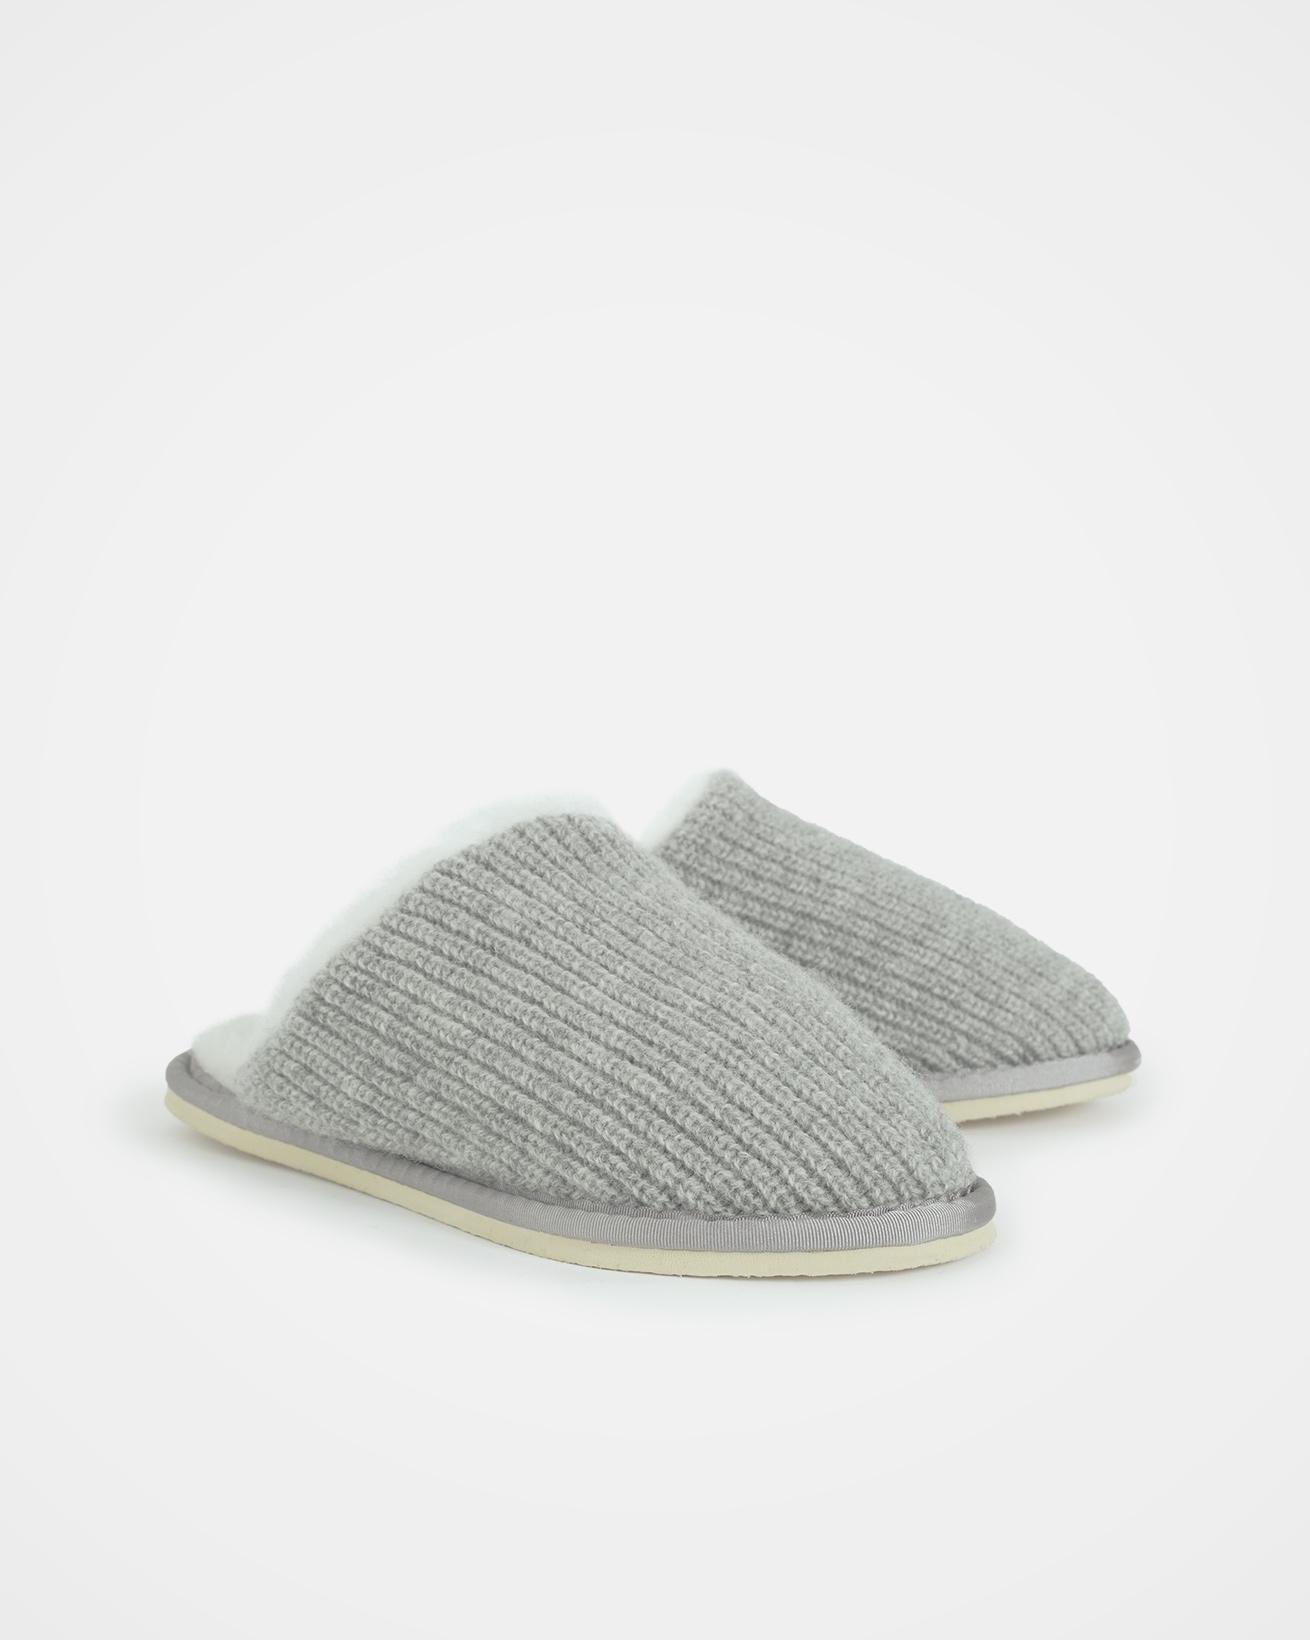 6908_knitted-mule_silver-grey_pair.jpg